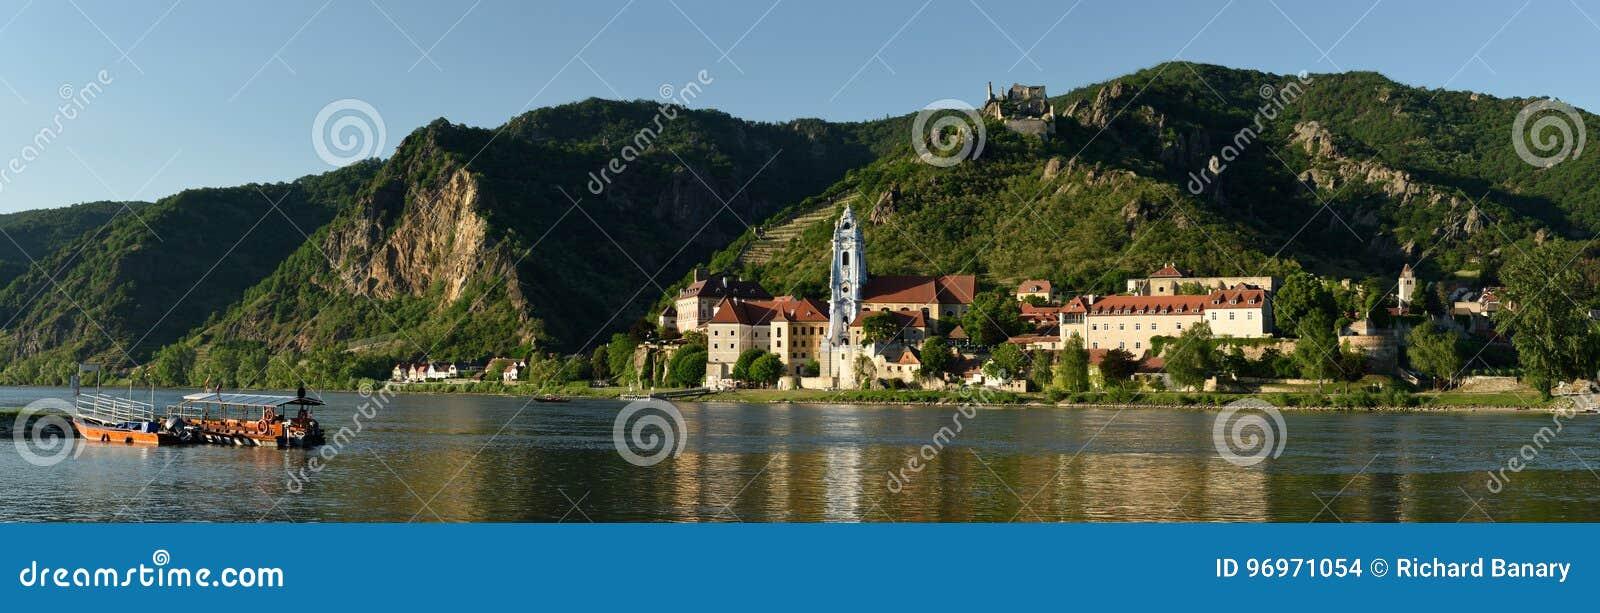 Durnstein, Wachau, Austria